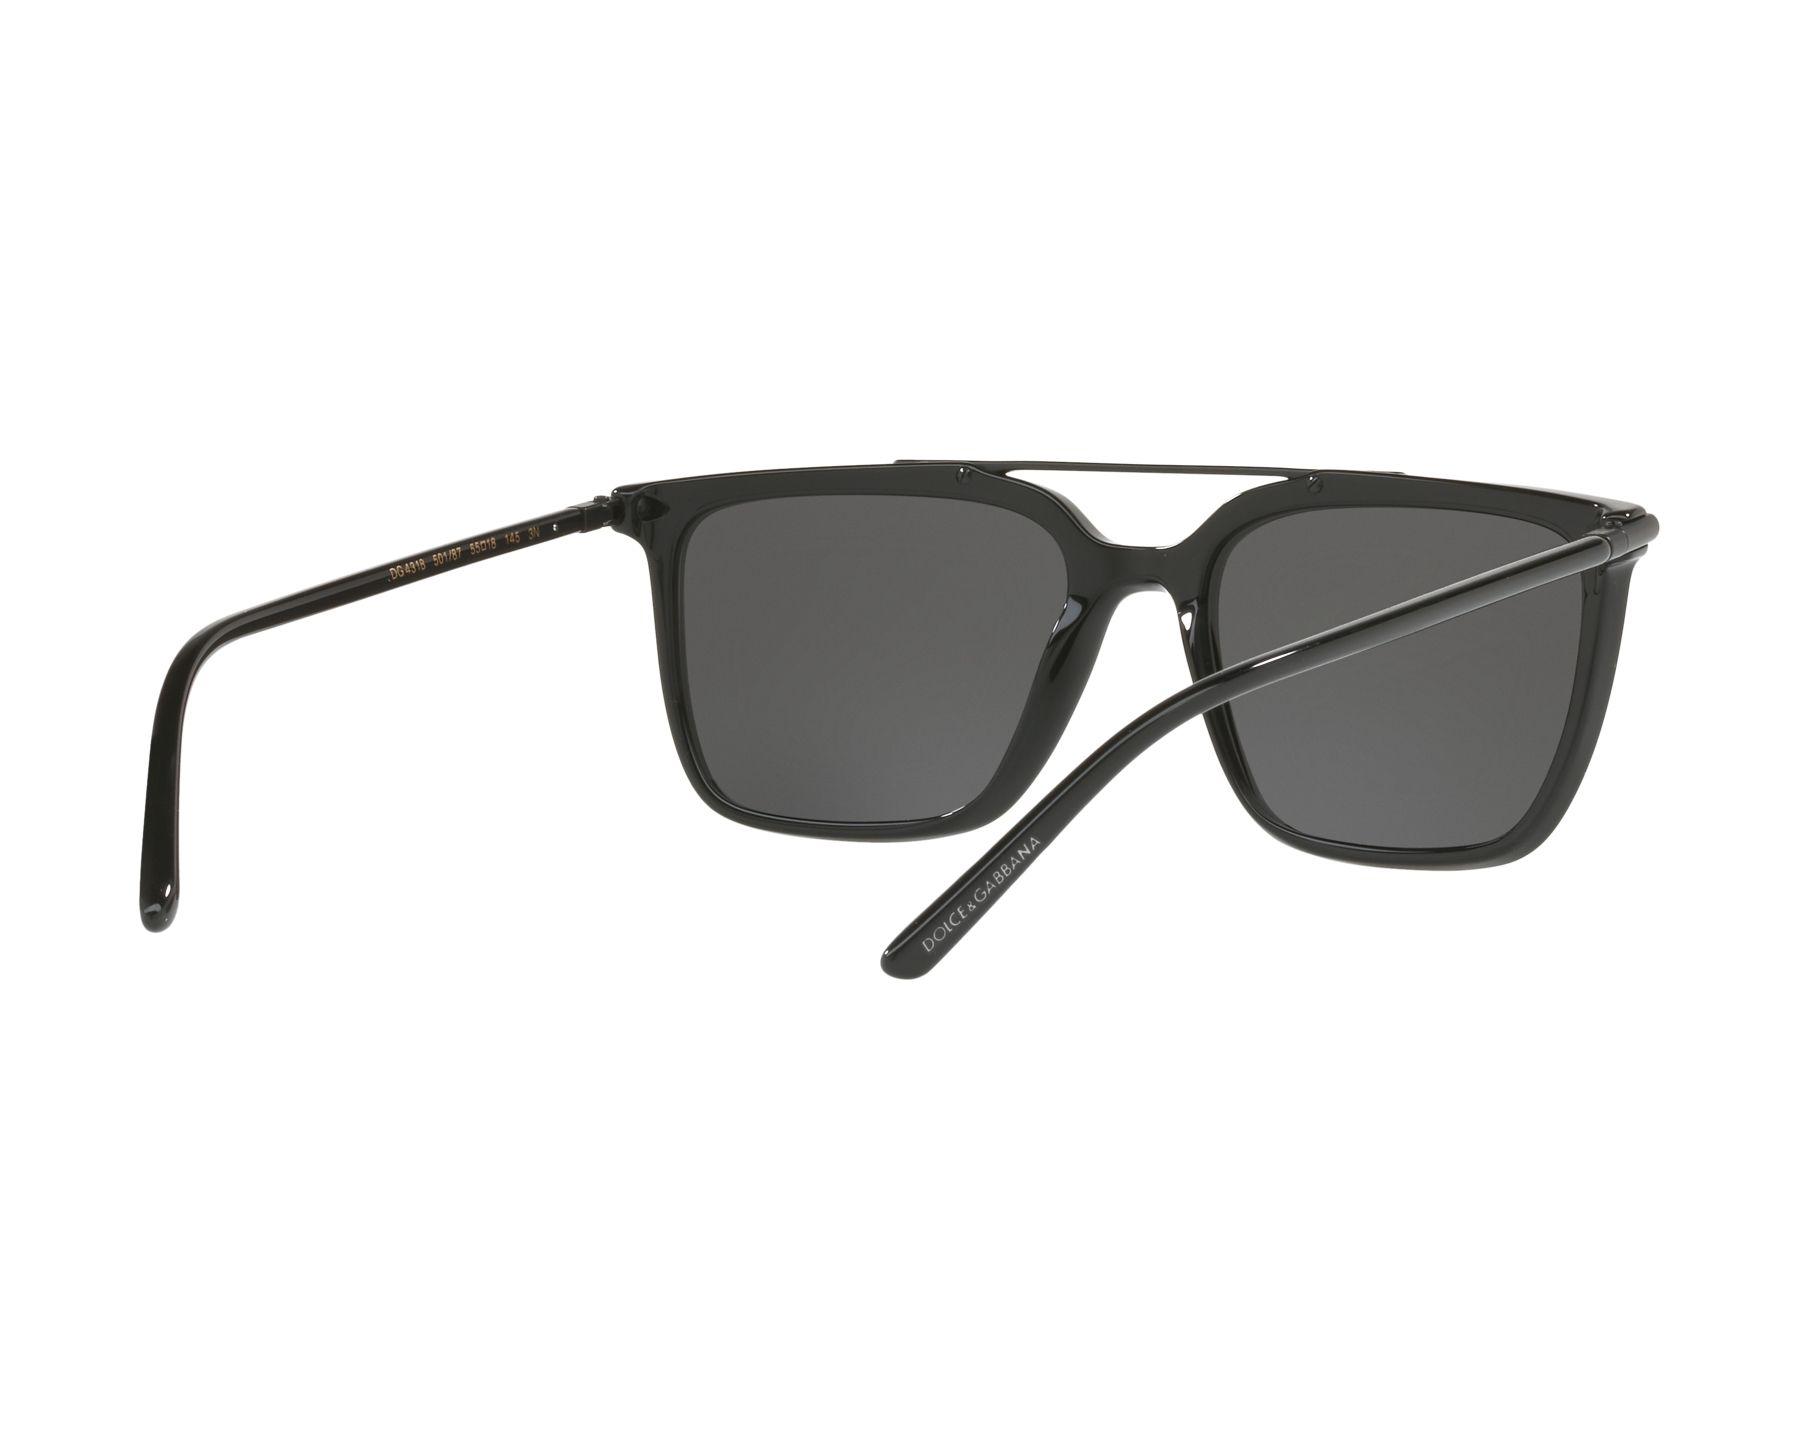 Dolce & Gabbana DG4318 501/87 55-18 6ya10